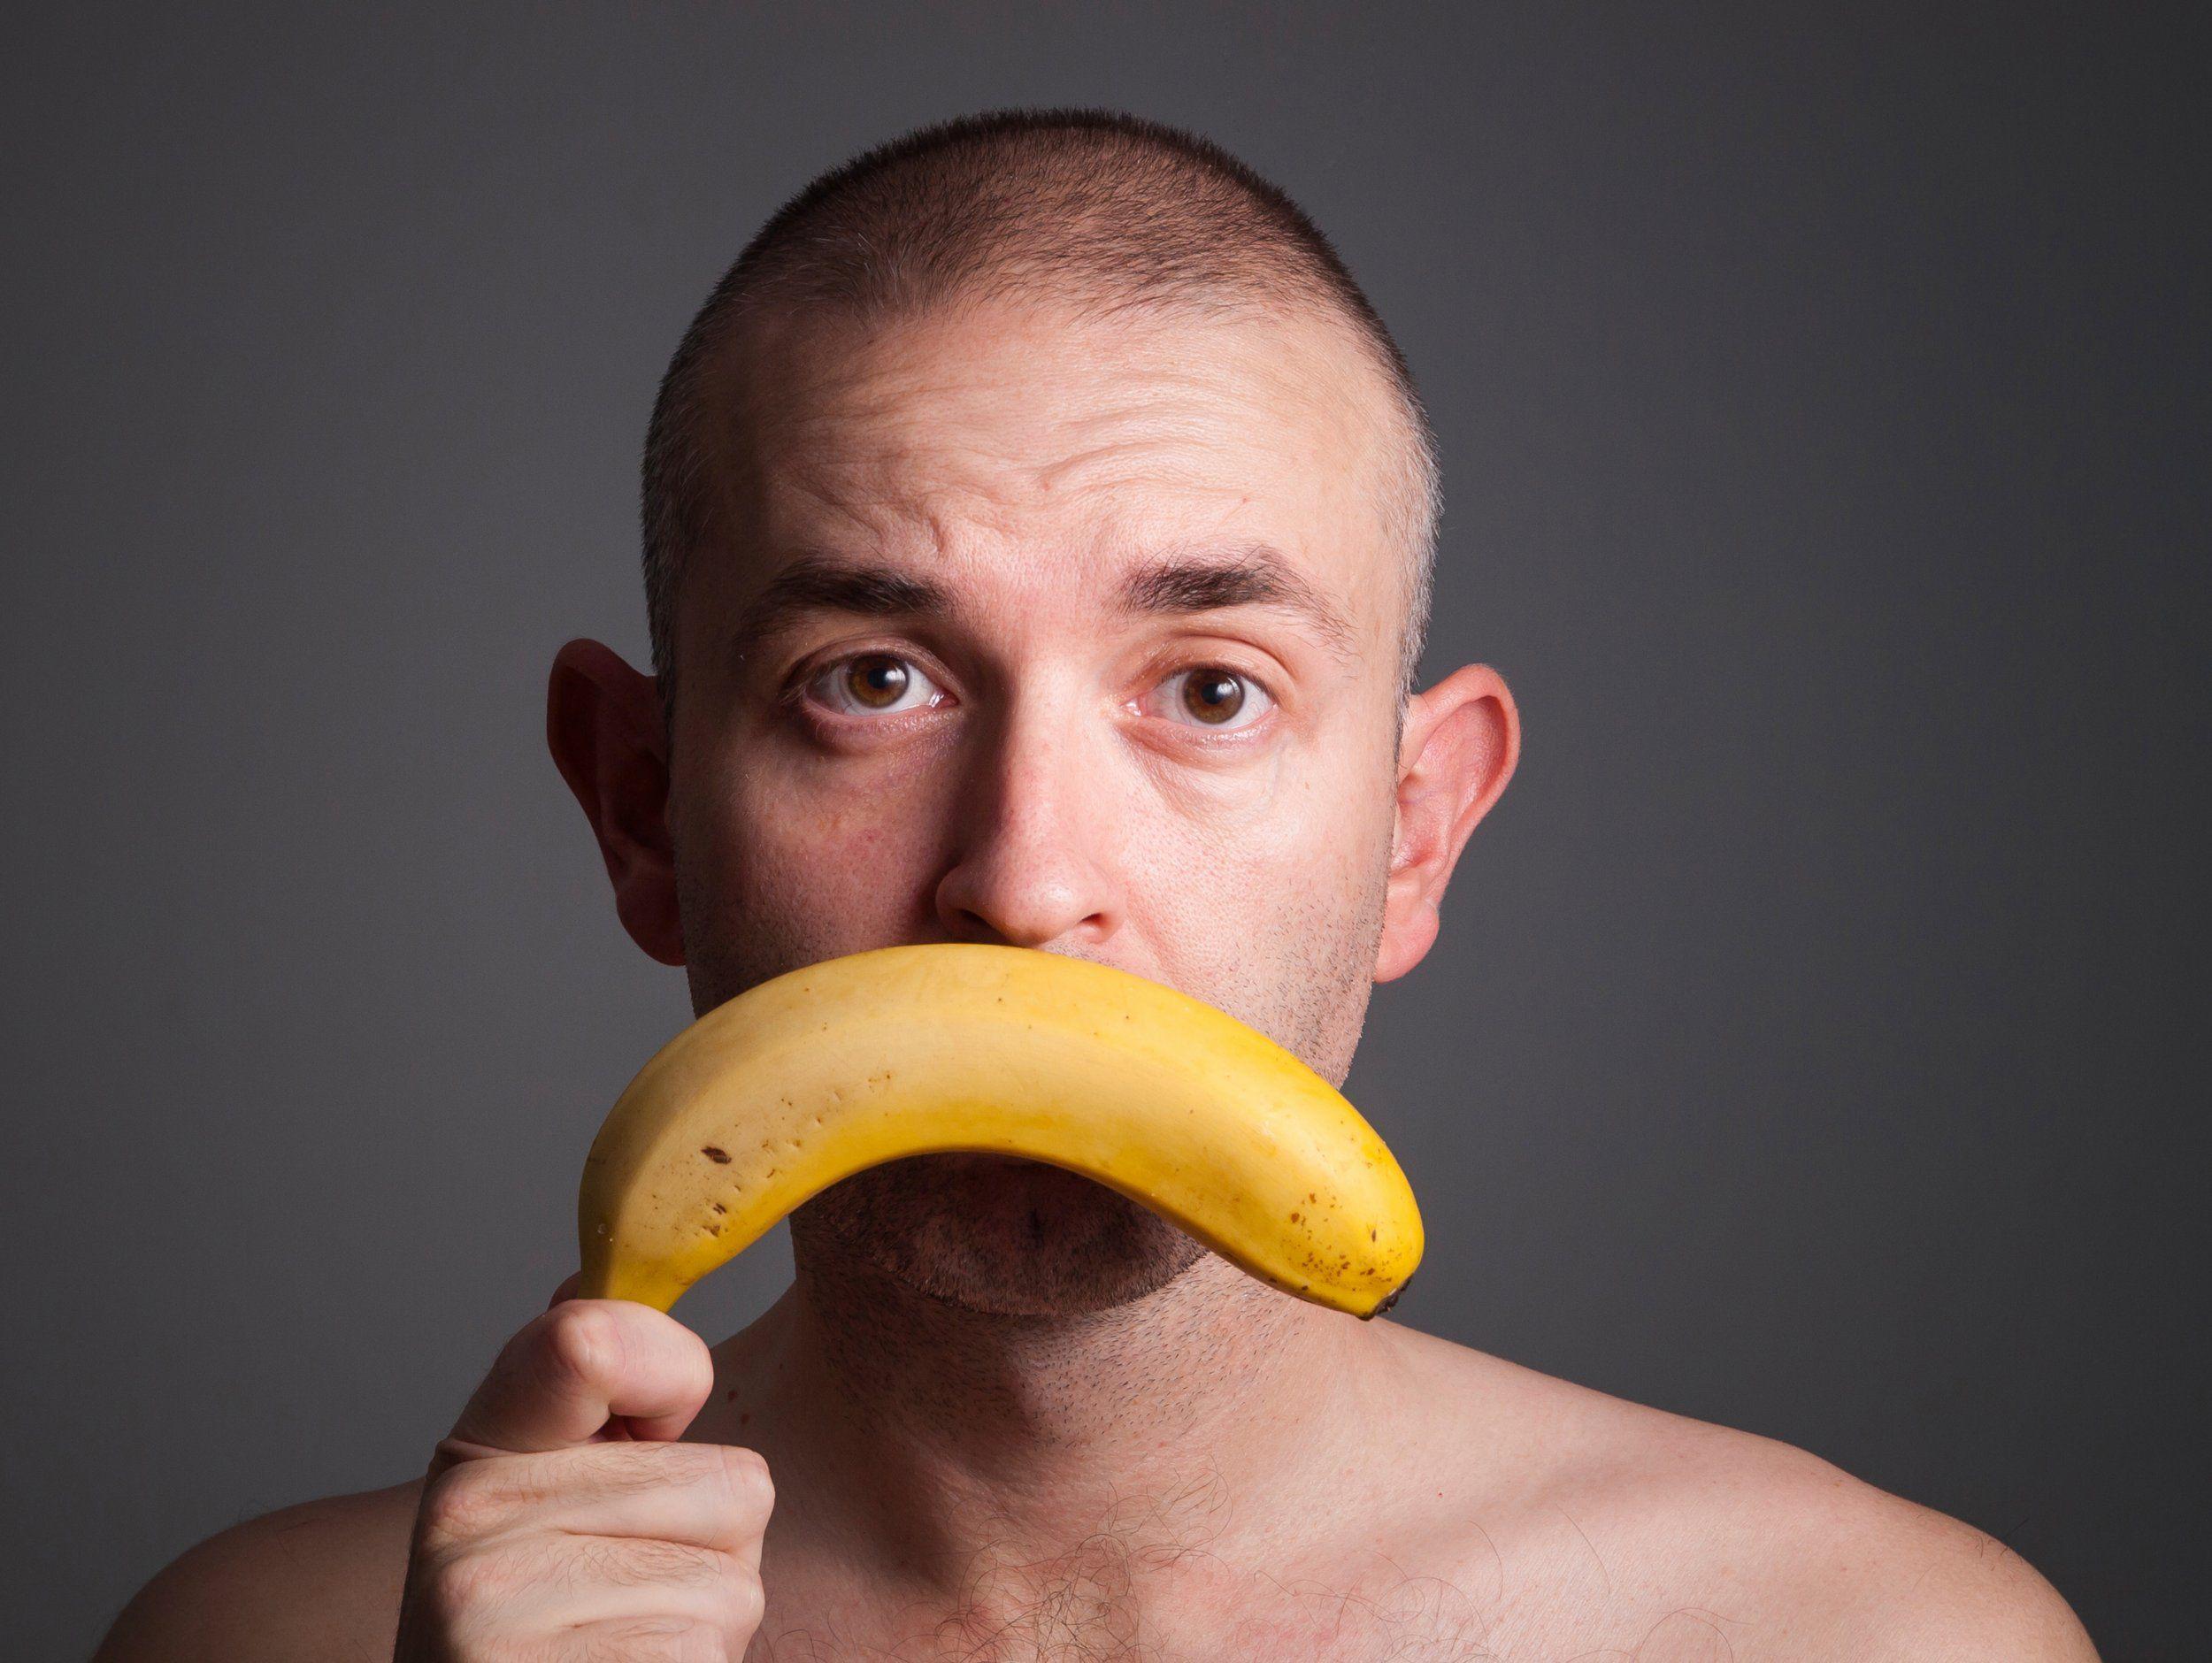 Почему у мужской пол далеко не стоит: в чем причина да что делать, когда у парня не